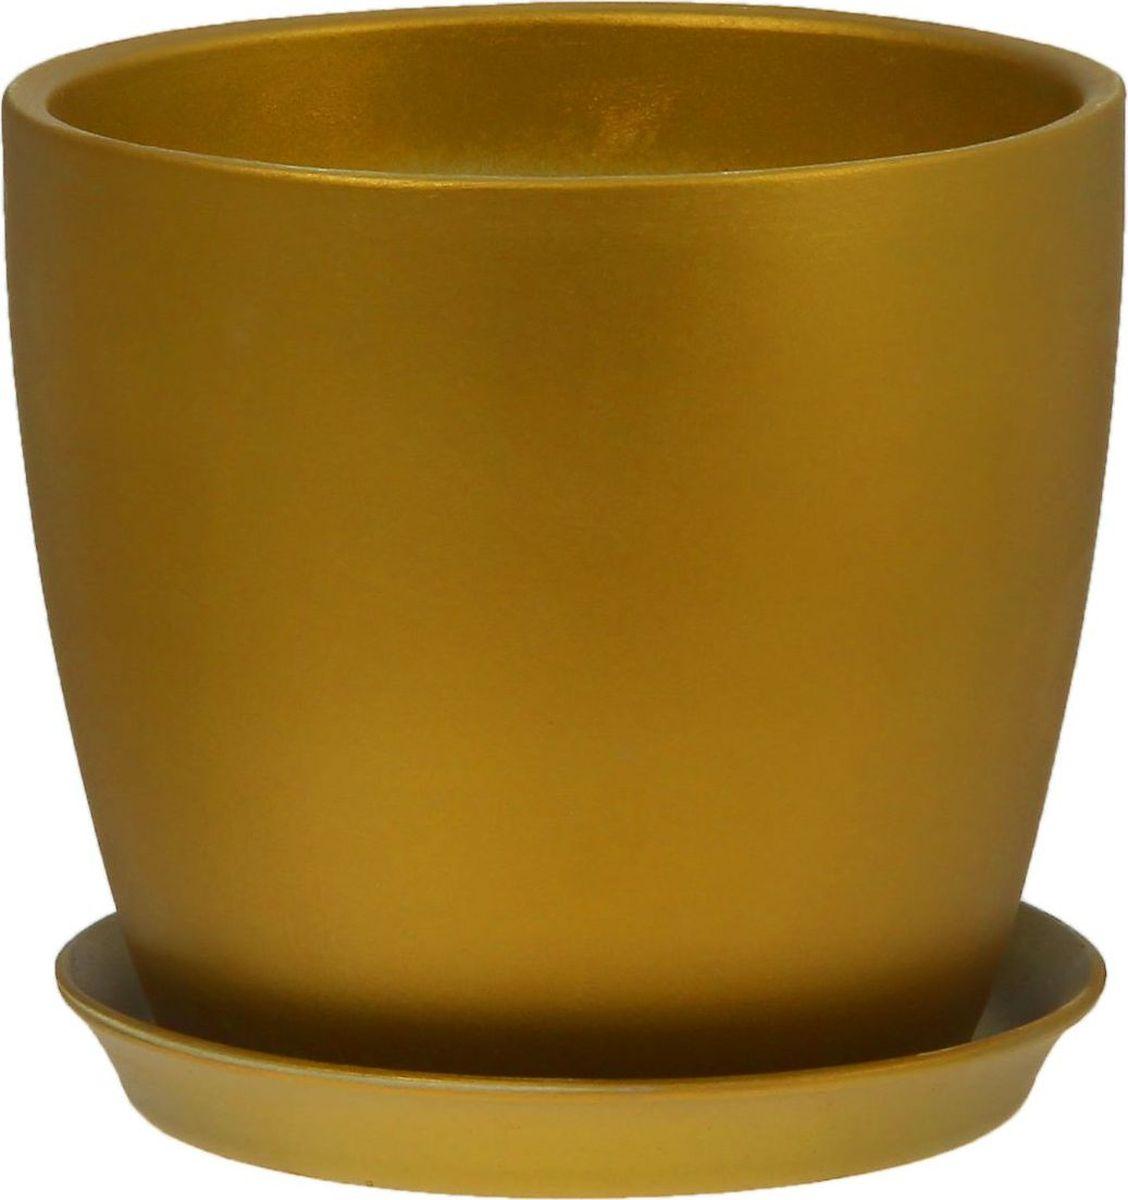 Кашпо Керамика ручной работы Осень, цвет: темно-зеленый, 2 л1062706Комнатные растения - всеобщие любимцы. Они радуют глаз, насыщают помещение кислородом и украшают пространство. Каждому из них необходим свой удобный и красивый дом. Кашпо из керамики прекрасно подходят для высадки растений:пористый материал позволяет испаряться лишней влаге;воздух, необходимый для дыхания корней, проникает сквозь керамические стенки. Кашпо Осень позаботится о зеленом питомце, освежит интерьер и подчеркнет его стиль.